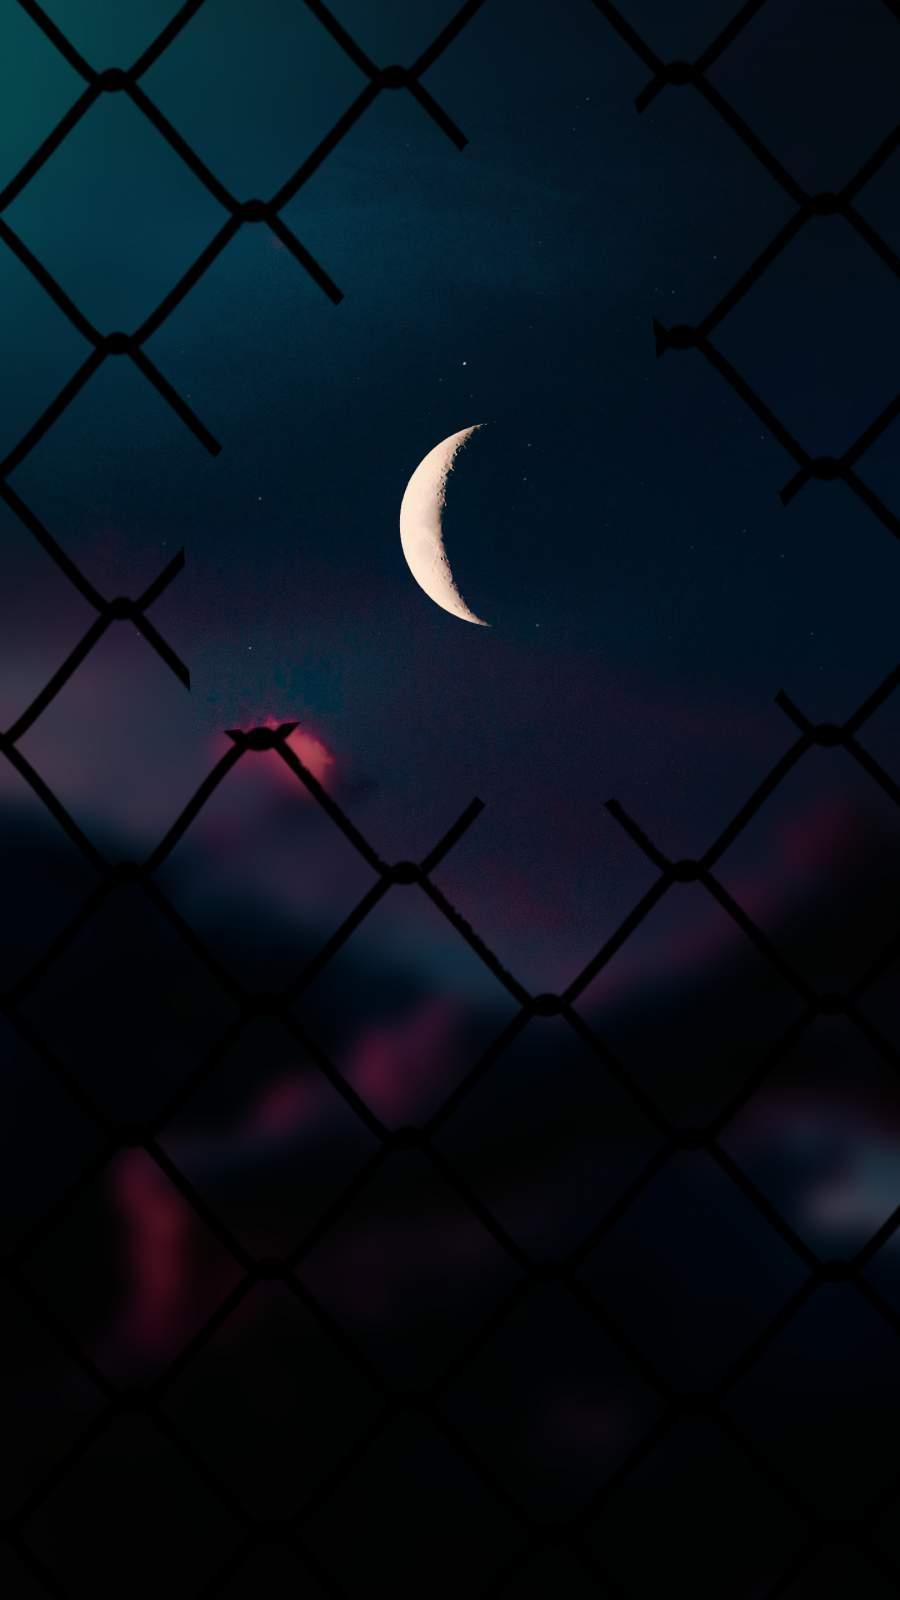 Moon Light iPhone Wallpaper